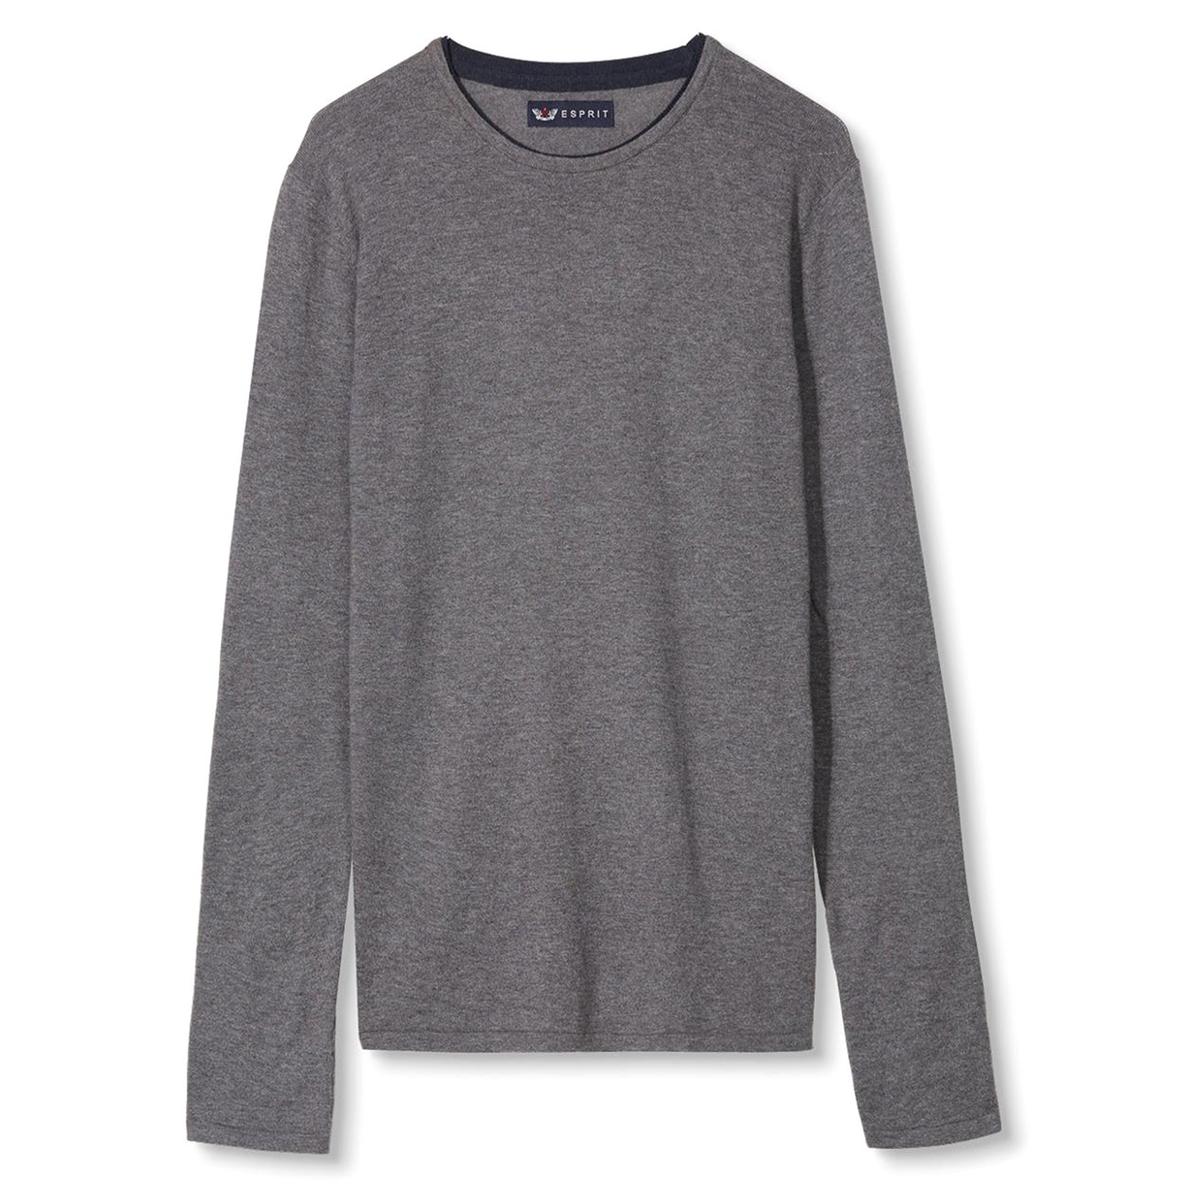 Пуловер с нашивками на локтяхСостав и описание:Материал: 100% хлопка.Марка: ESPRIT.<br><br>Цвет: серый,темно-синий<br>Размер: M.XXL